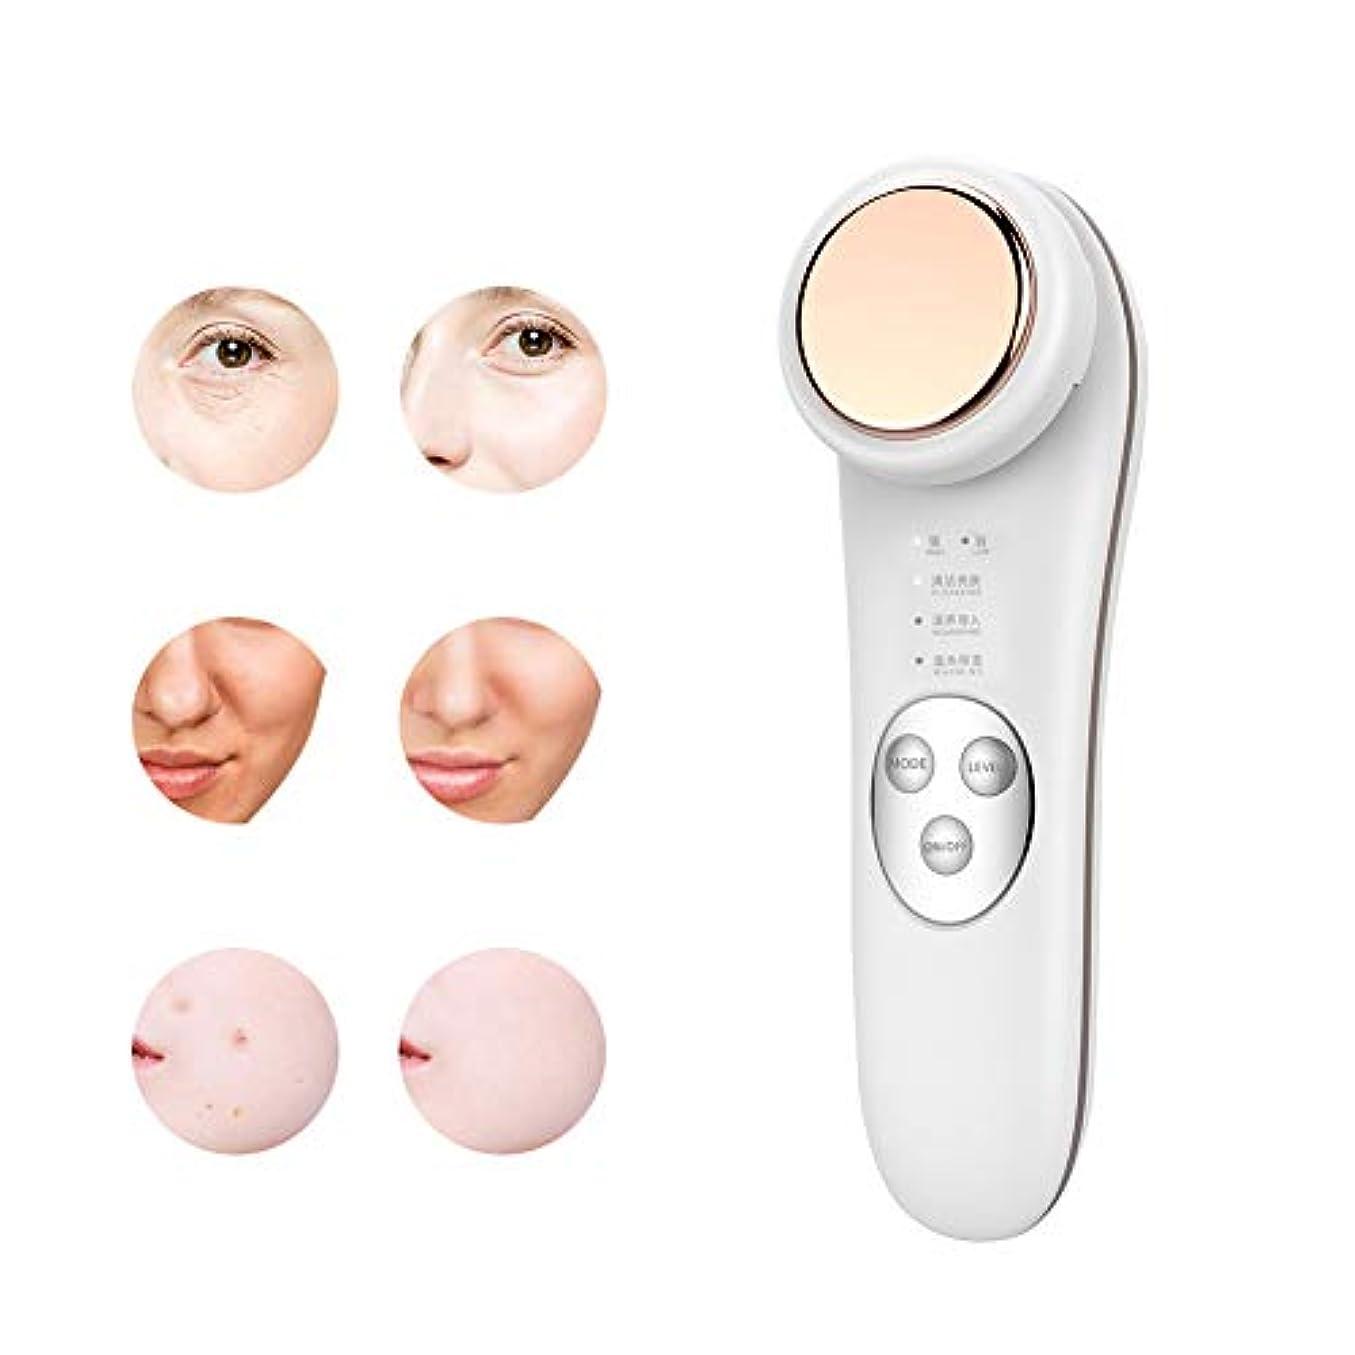 エキゾチック十代の若者たちメンタル顔の美容機器、多機能、高周波数では皮膚保湿マッサージを引っ張る、スキンディープクレンジングインポートを栄養を与え